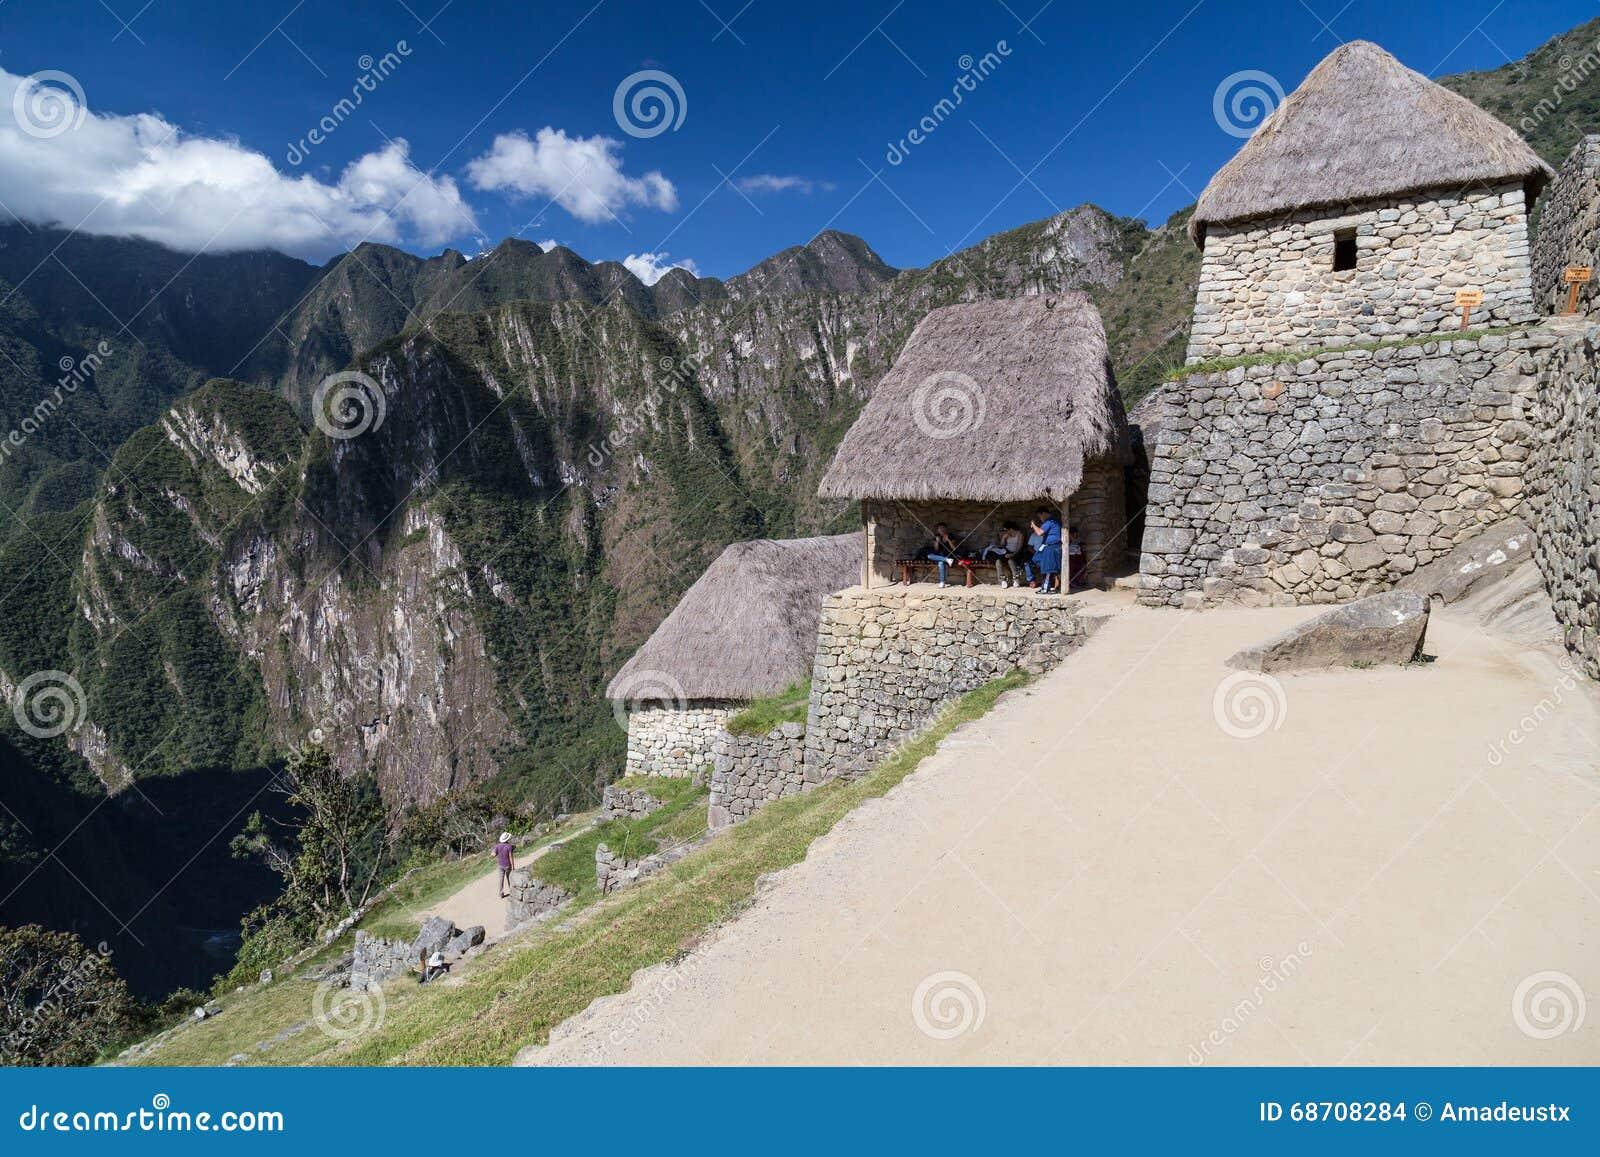 Mach Picchu, Aguas Calientes, Peru około Czerwiec 2015/-: Ruiny Machu Picchu święty przegrany miasto Incas w Peru